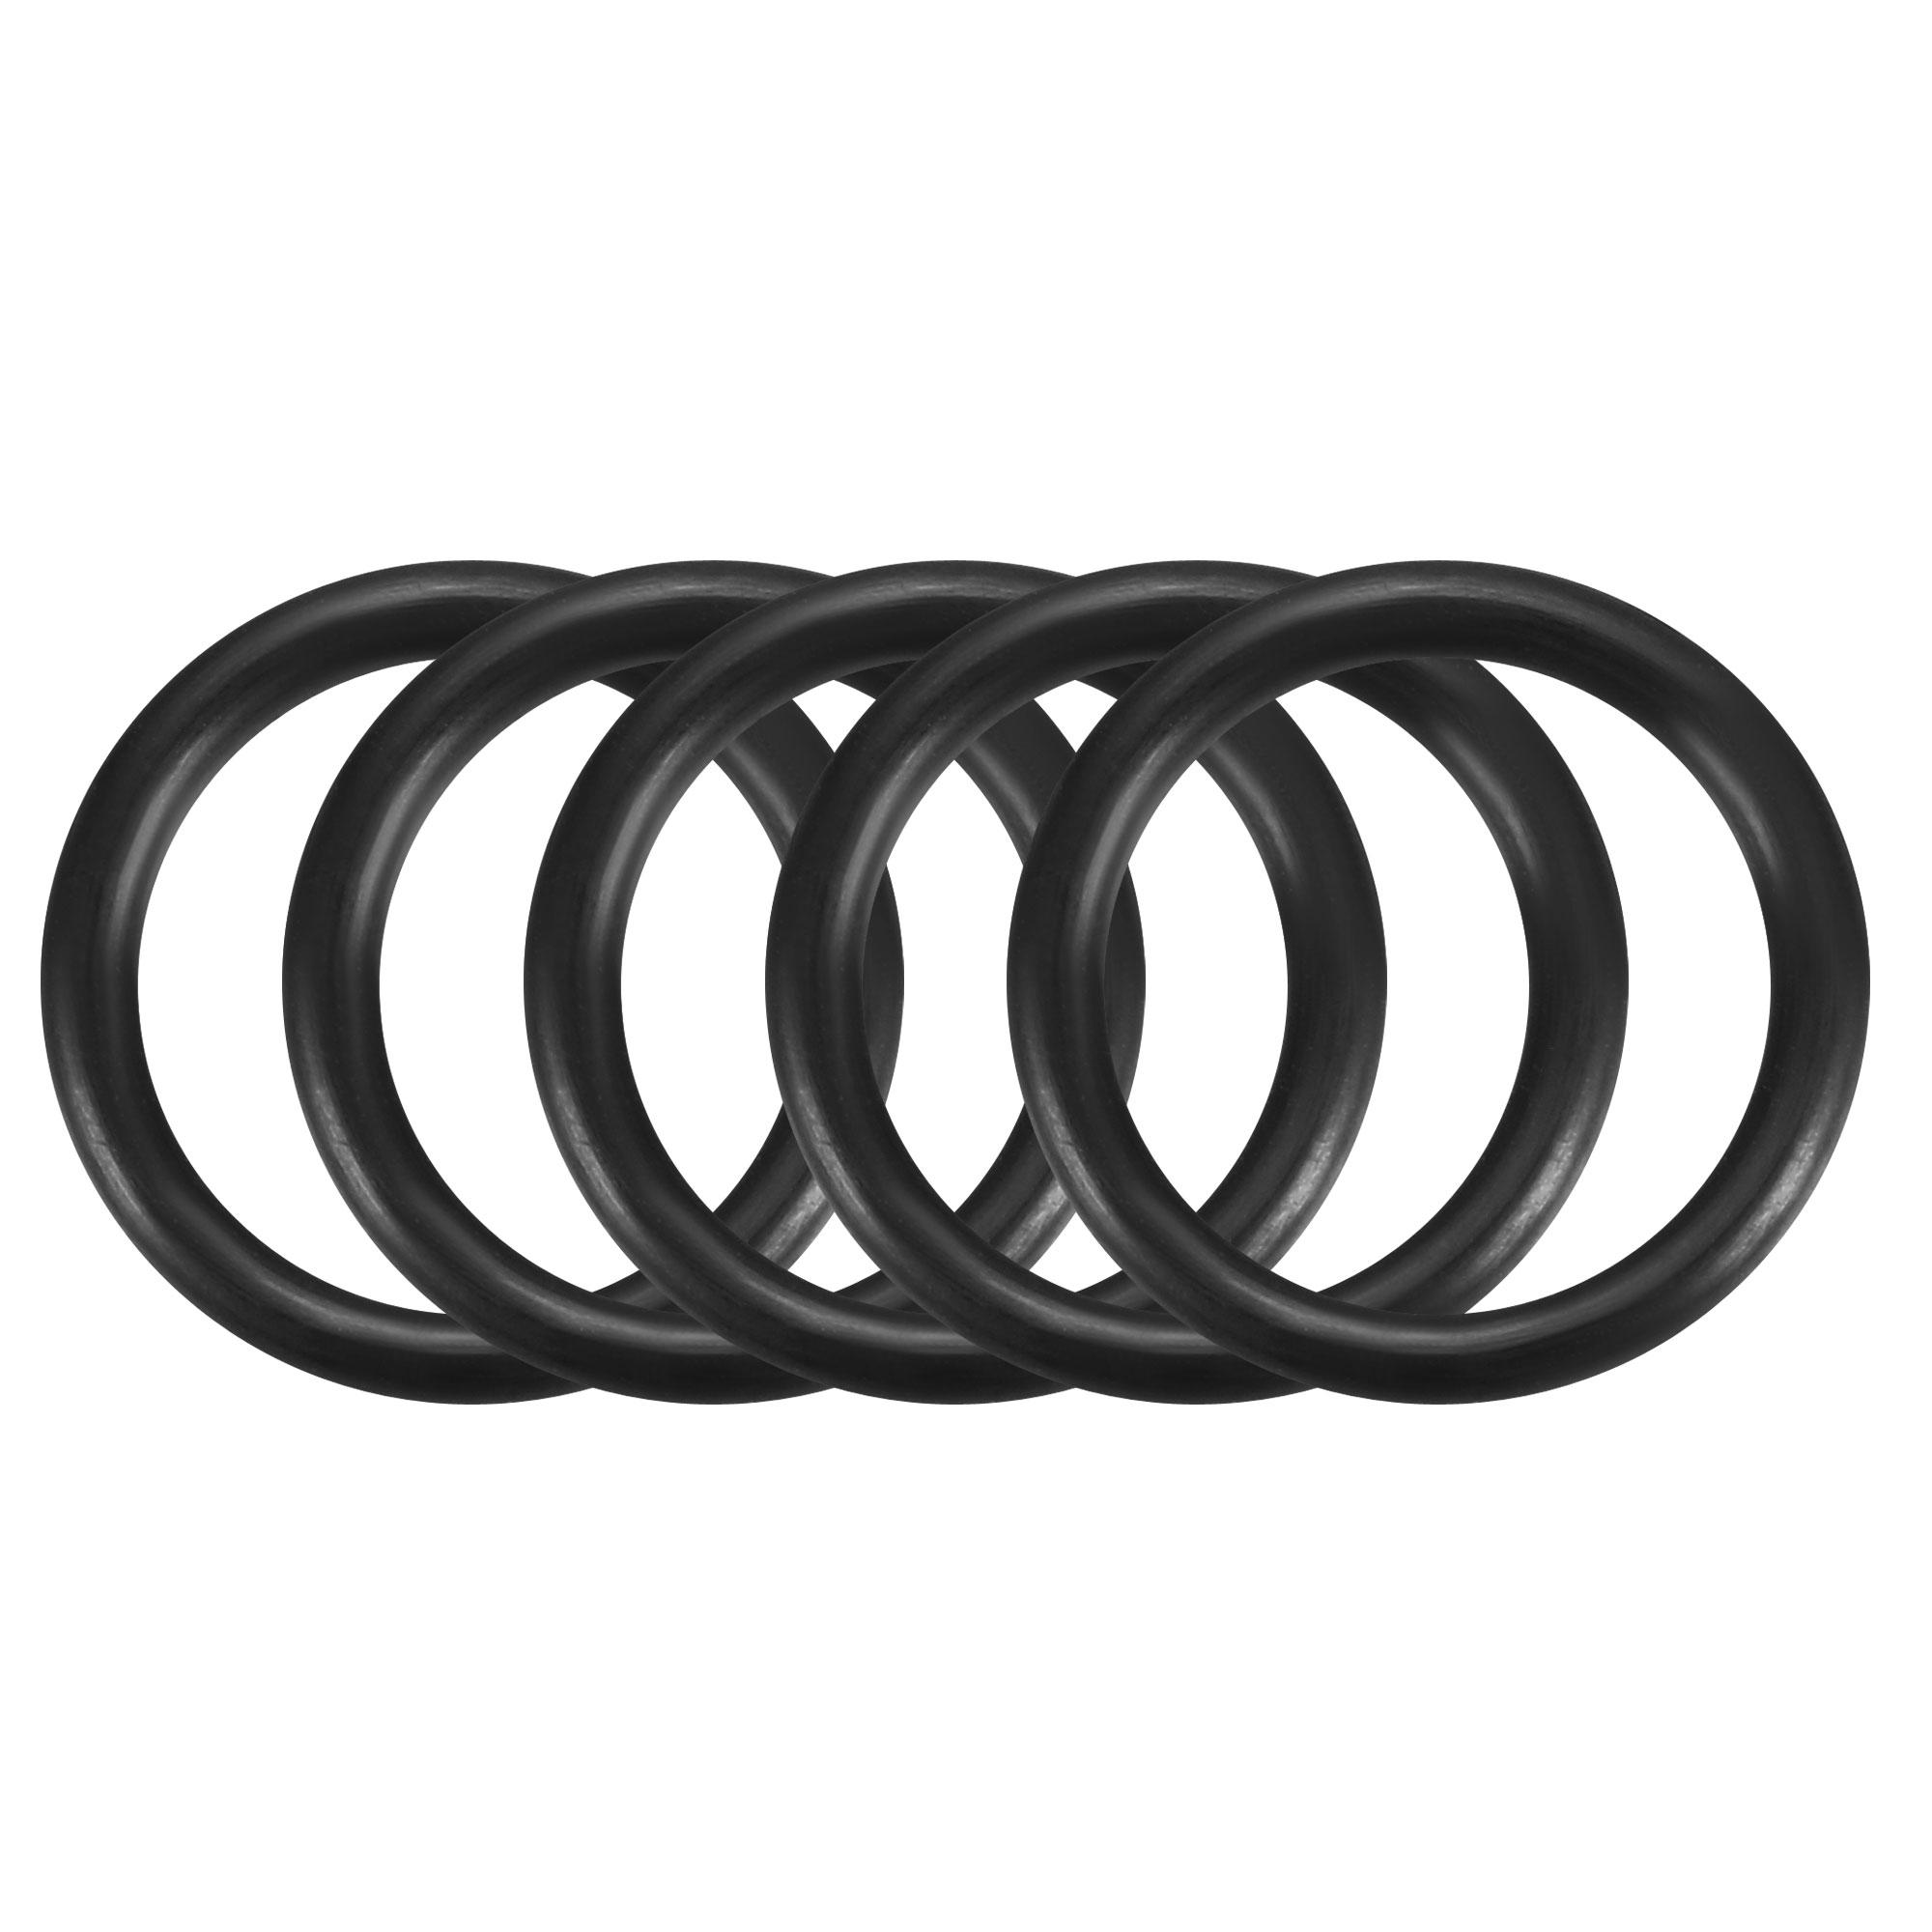 5pcs Black Nitrile Butadiene Rubber NBR O-Ring 11.8mm Inner Dia 1.8mm Width